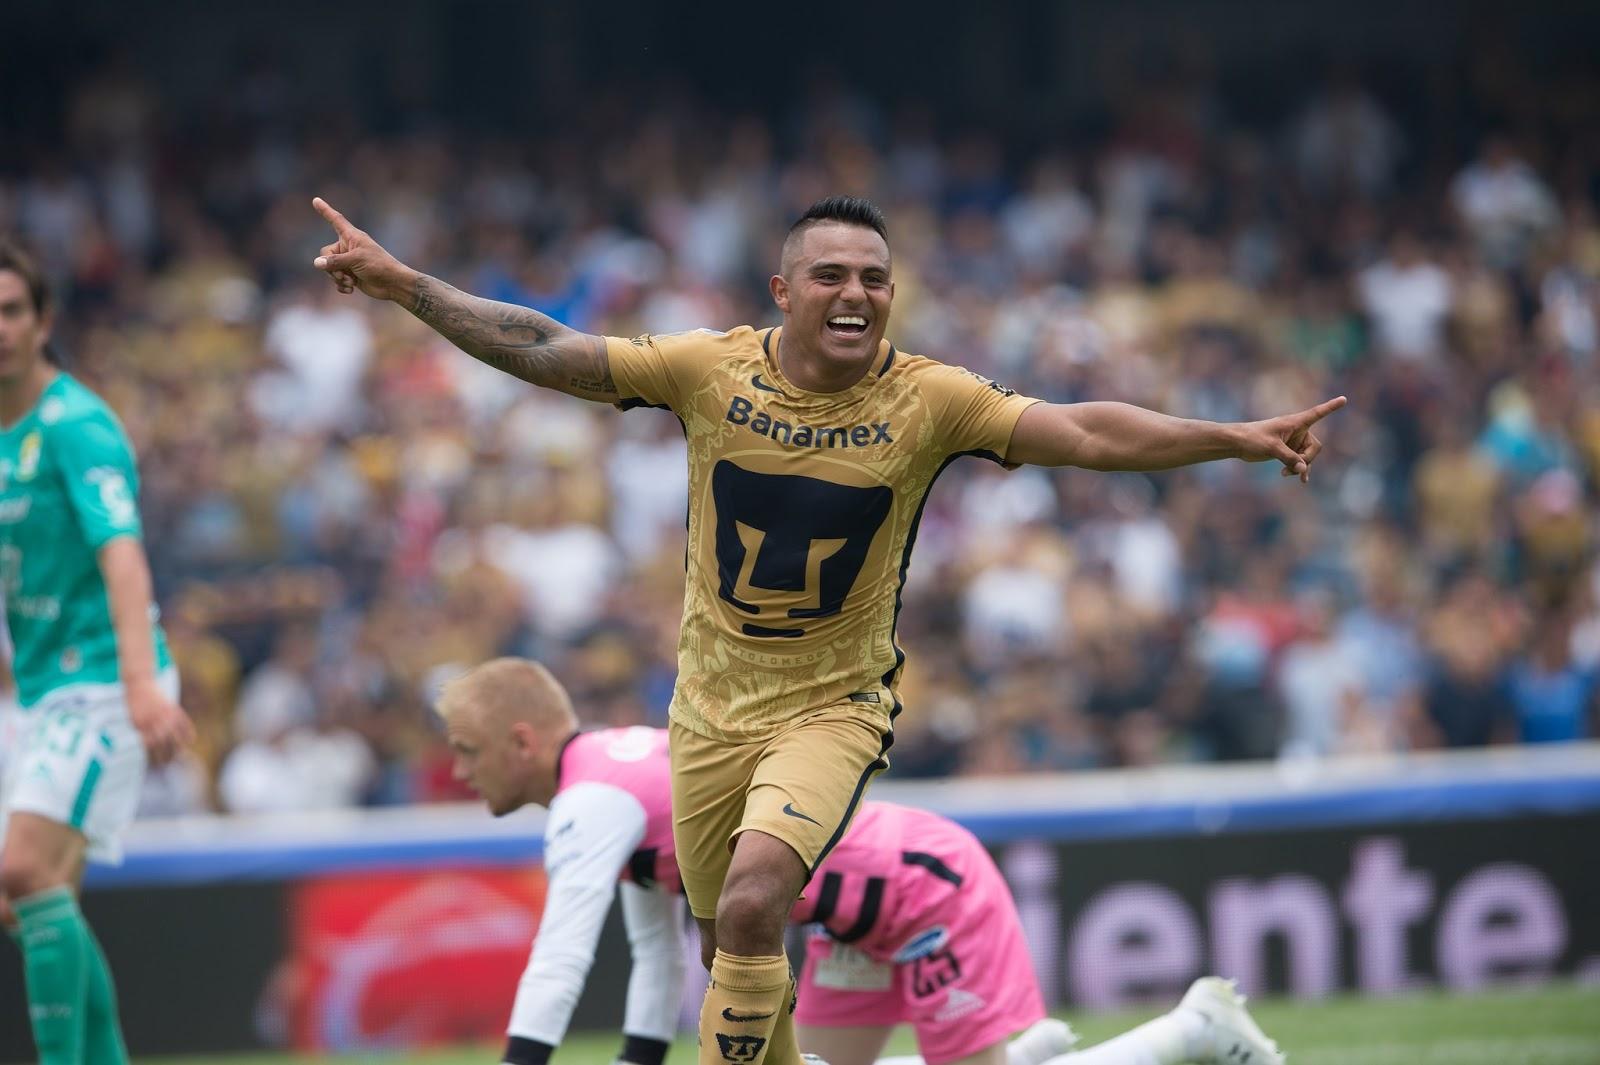 Pumas 1-0 León Apertura 2016